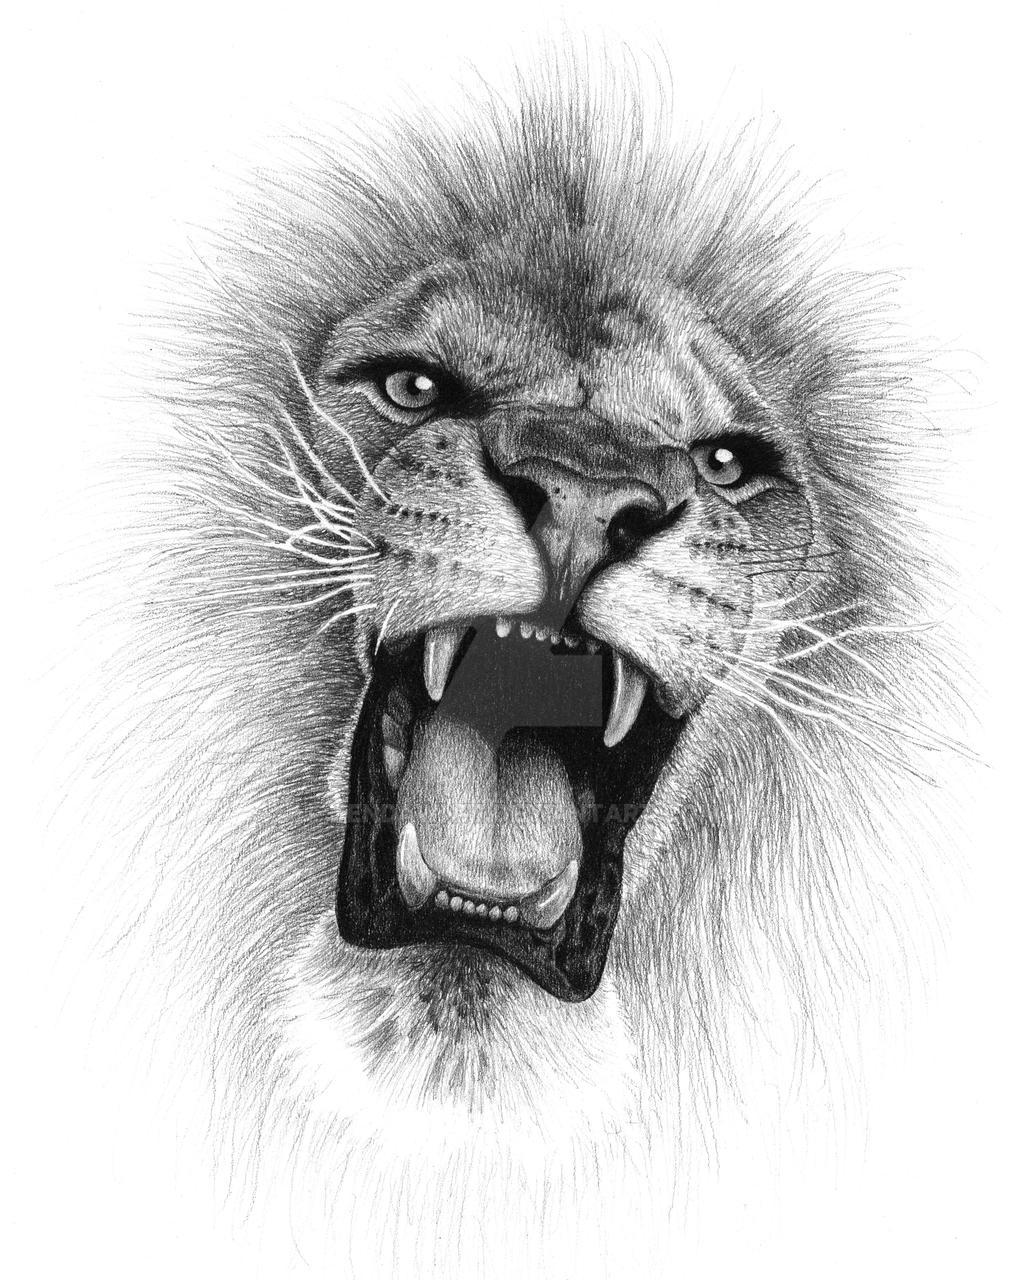 Lion Roar by jendawn77 on DeviantArt